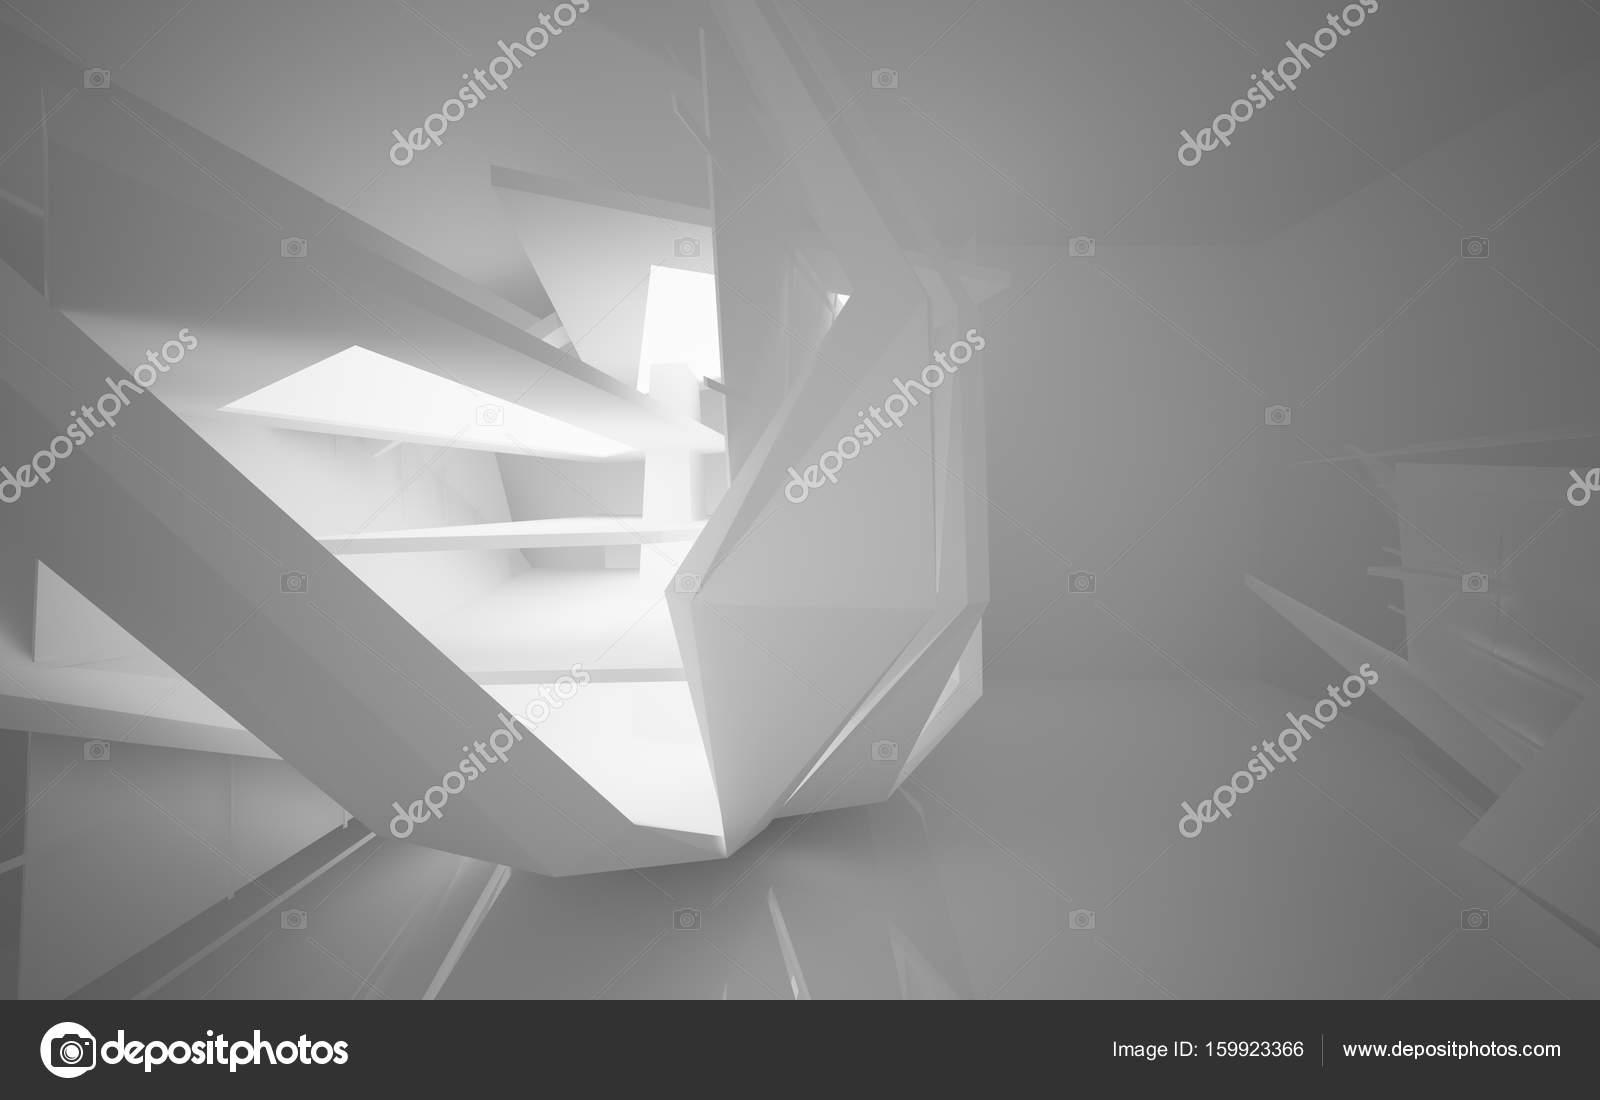 Interieur der Zukunft mit Neon-Beleuchtung — Stockfoto ...